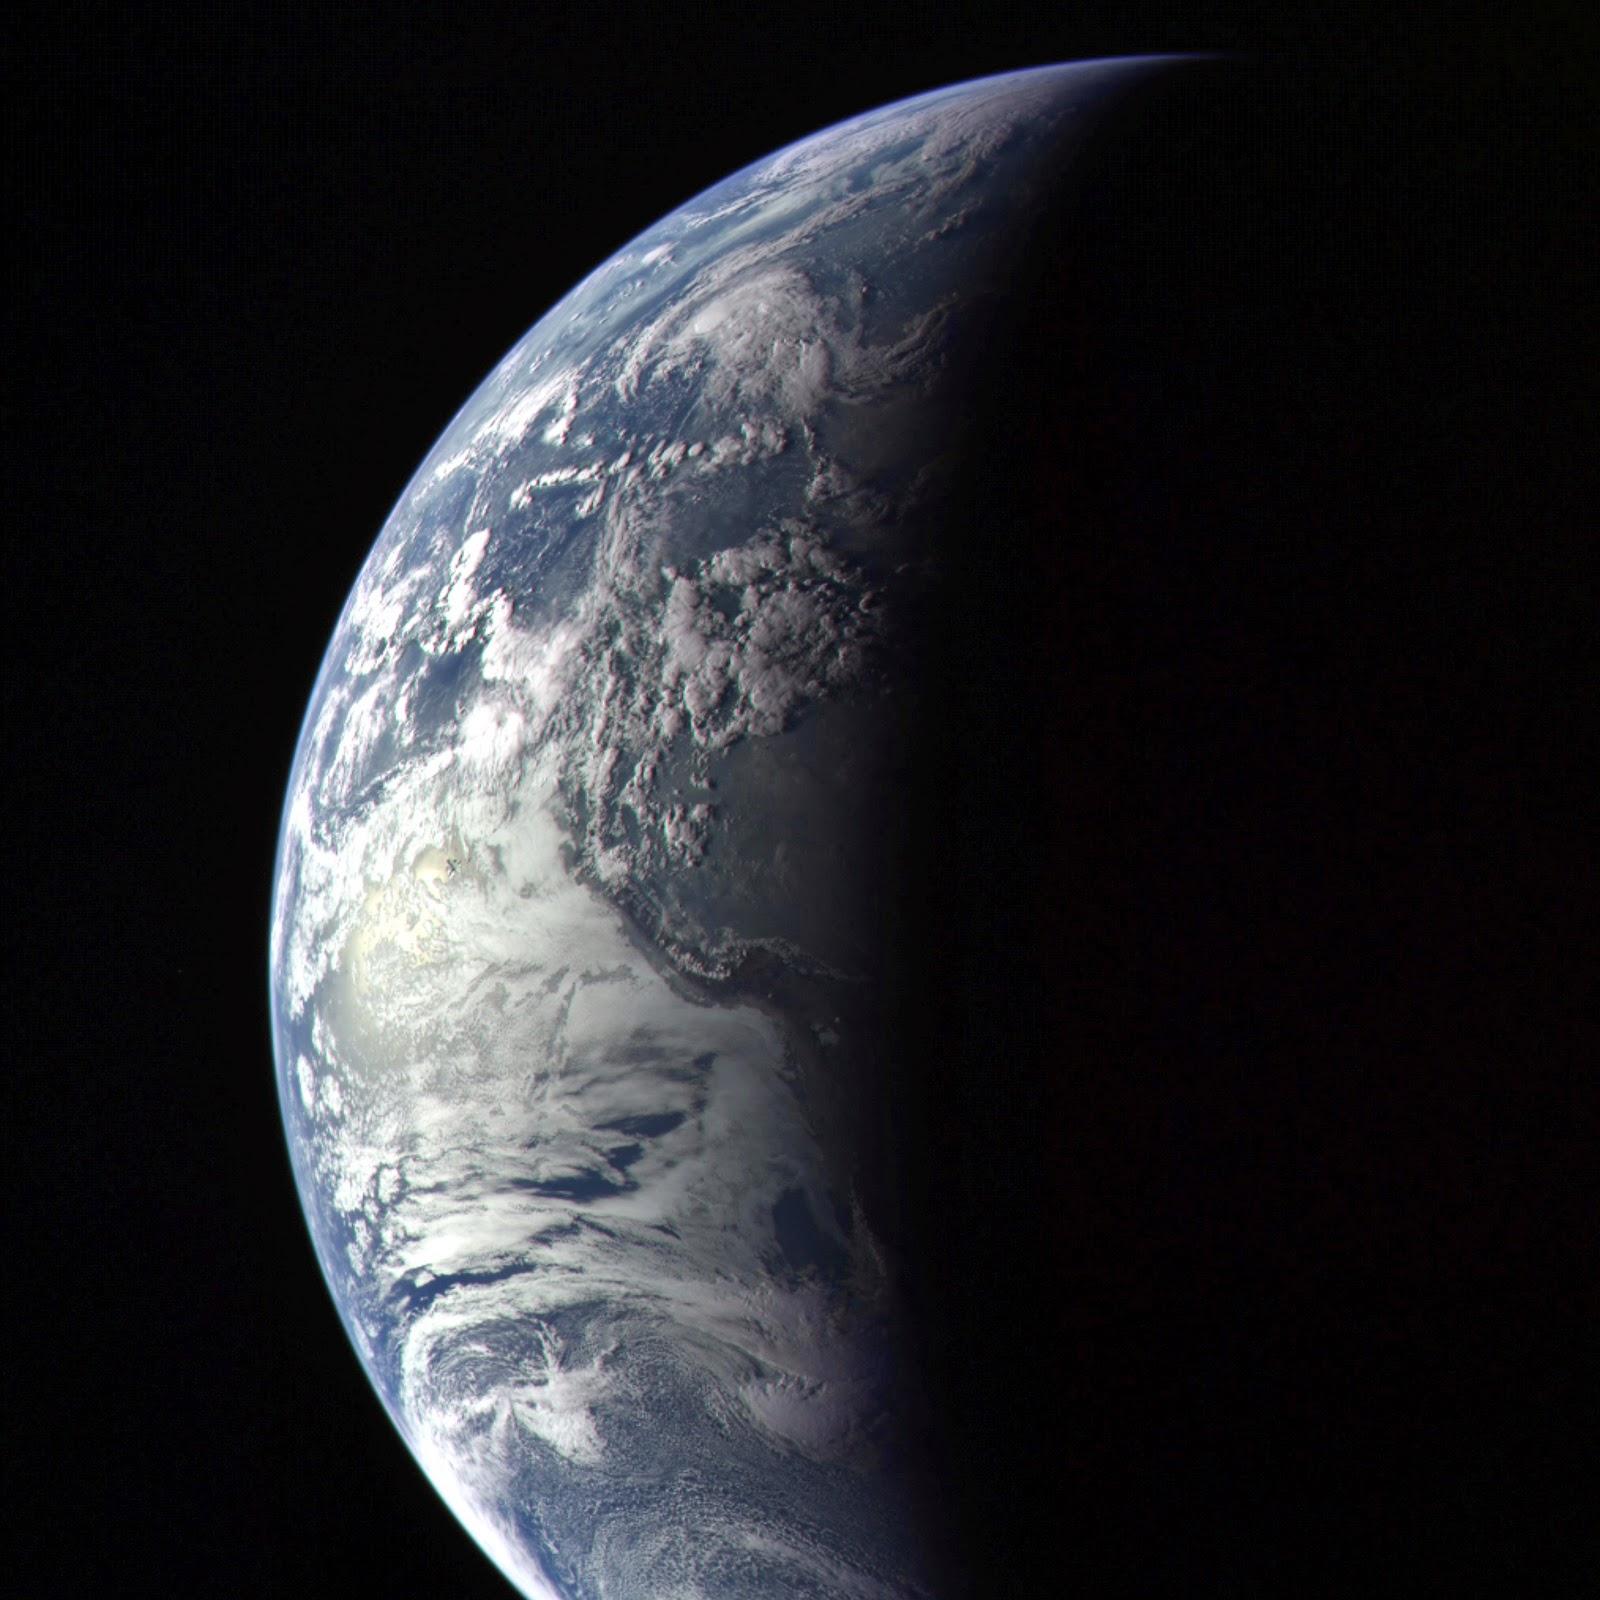 Tévhír, hogy hat napos sötétség borul a Földre